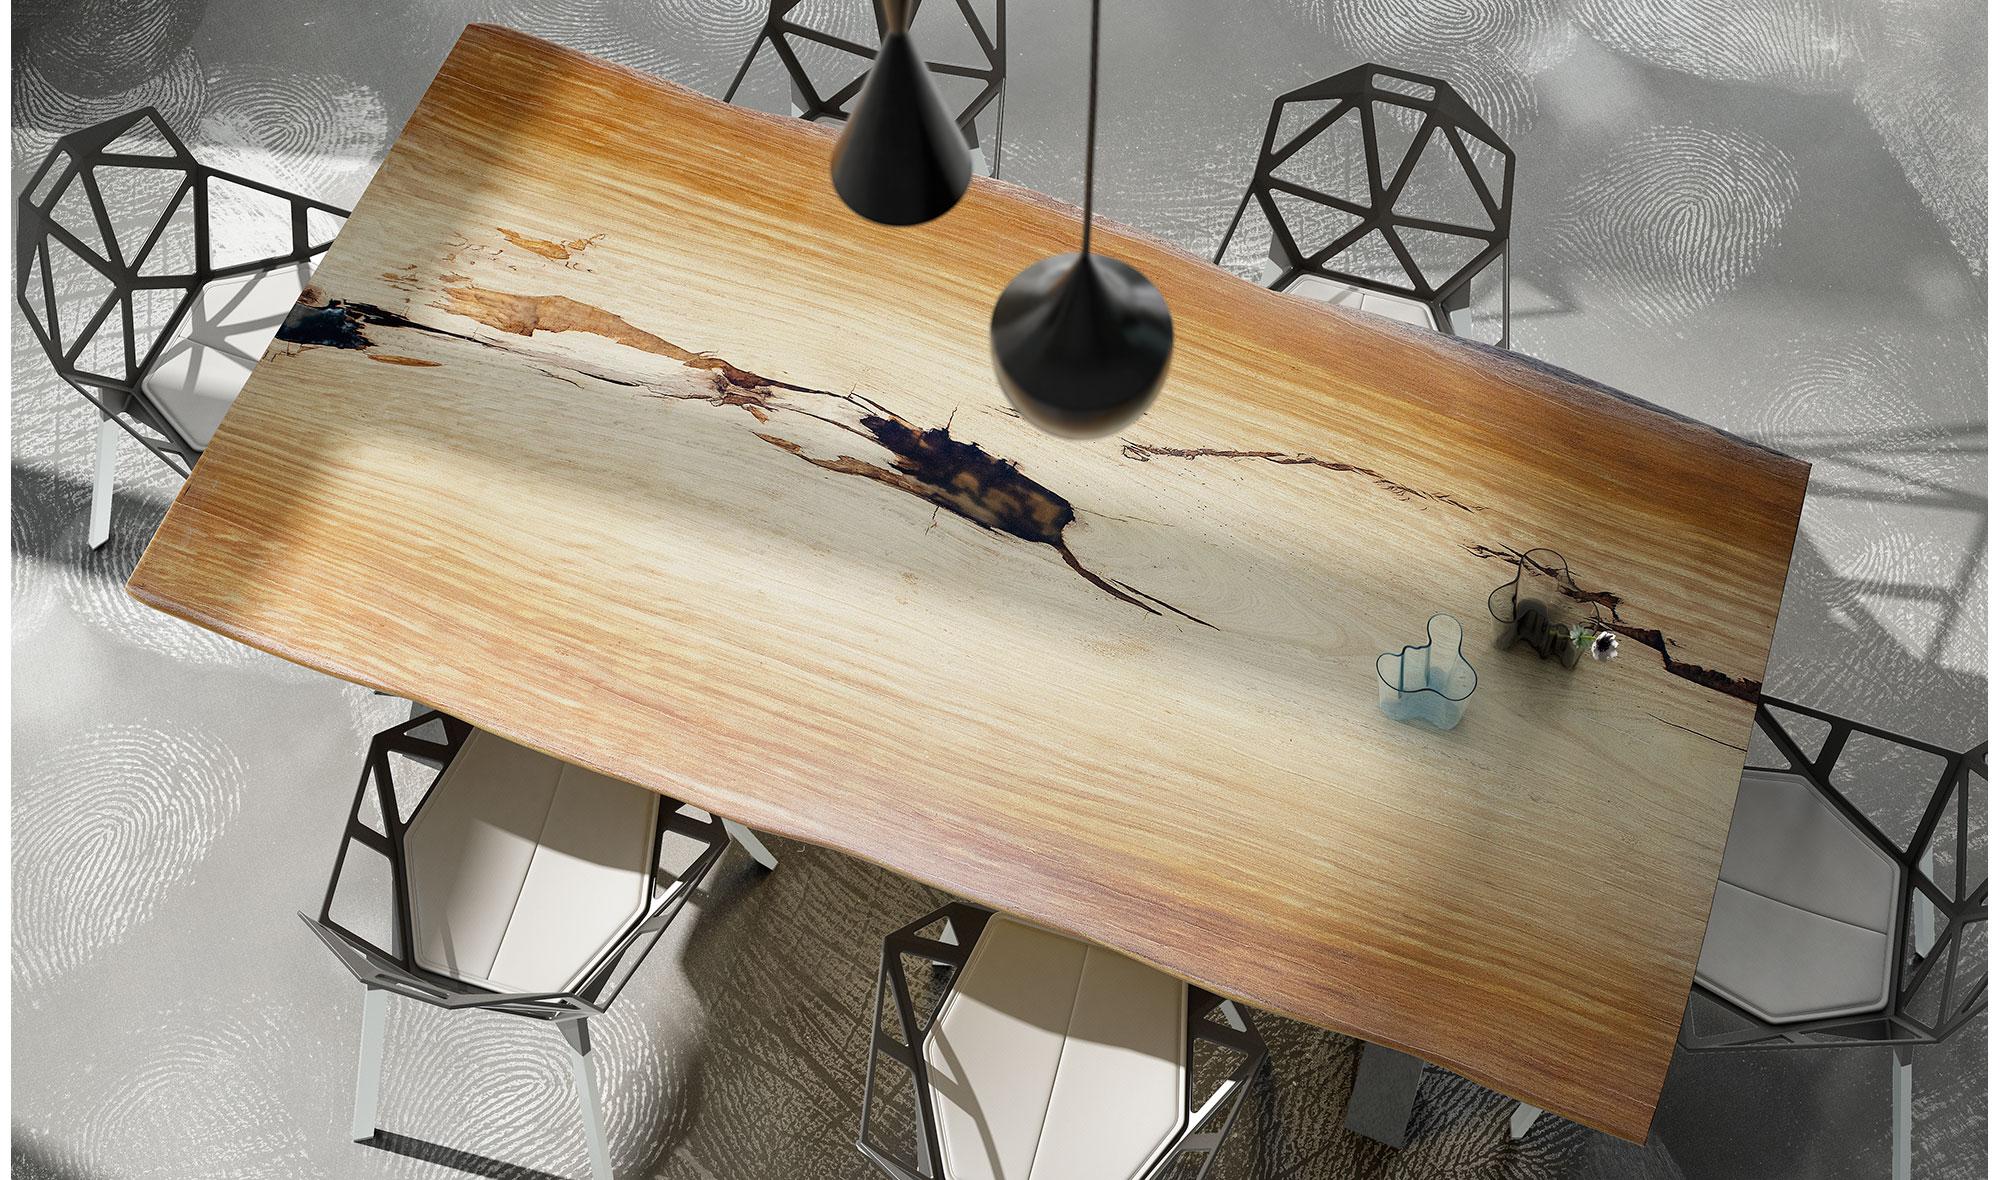 Mesa de comedor madera maciza tali Covasna en Portobellostreet.es